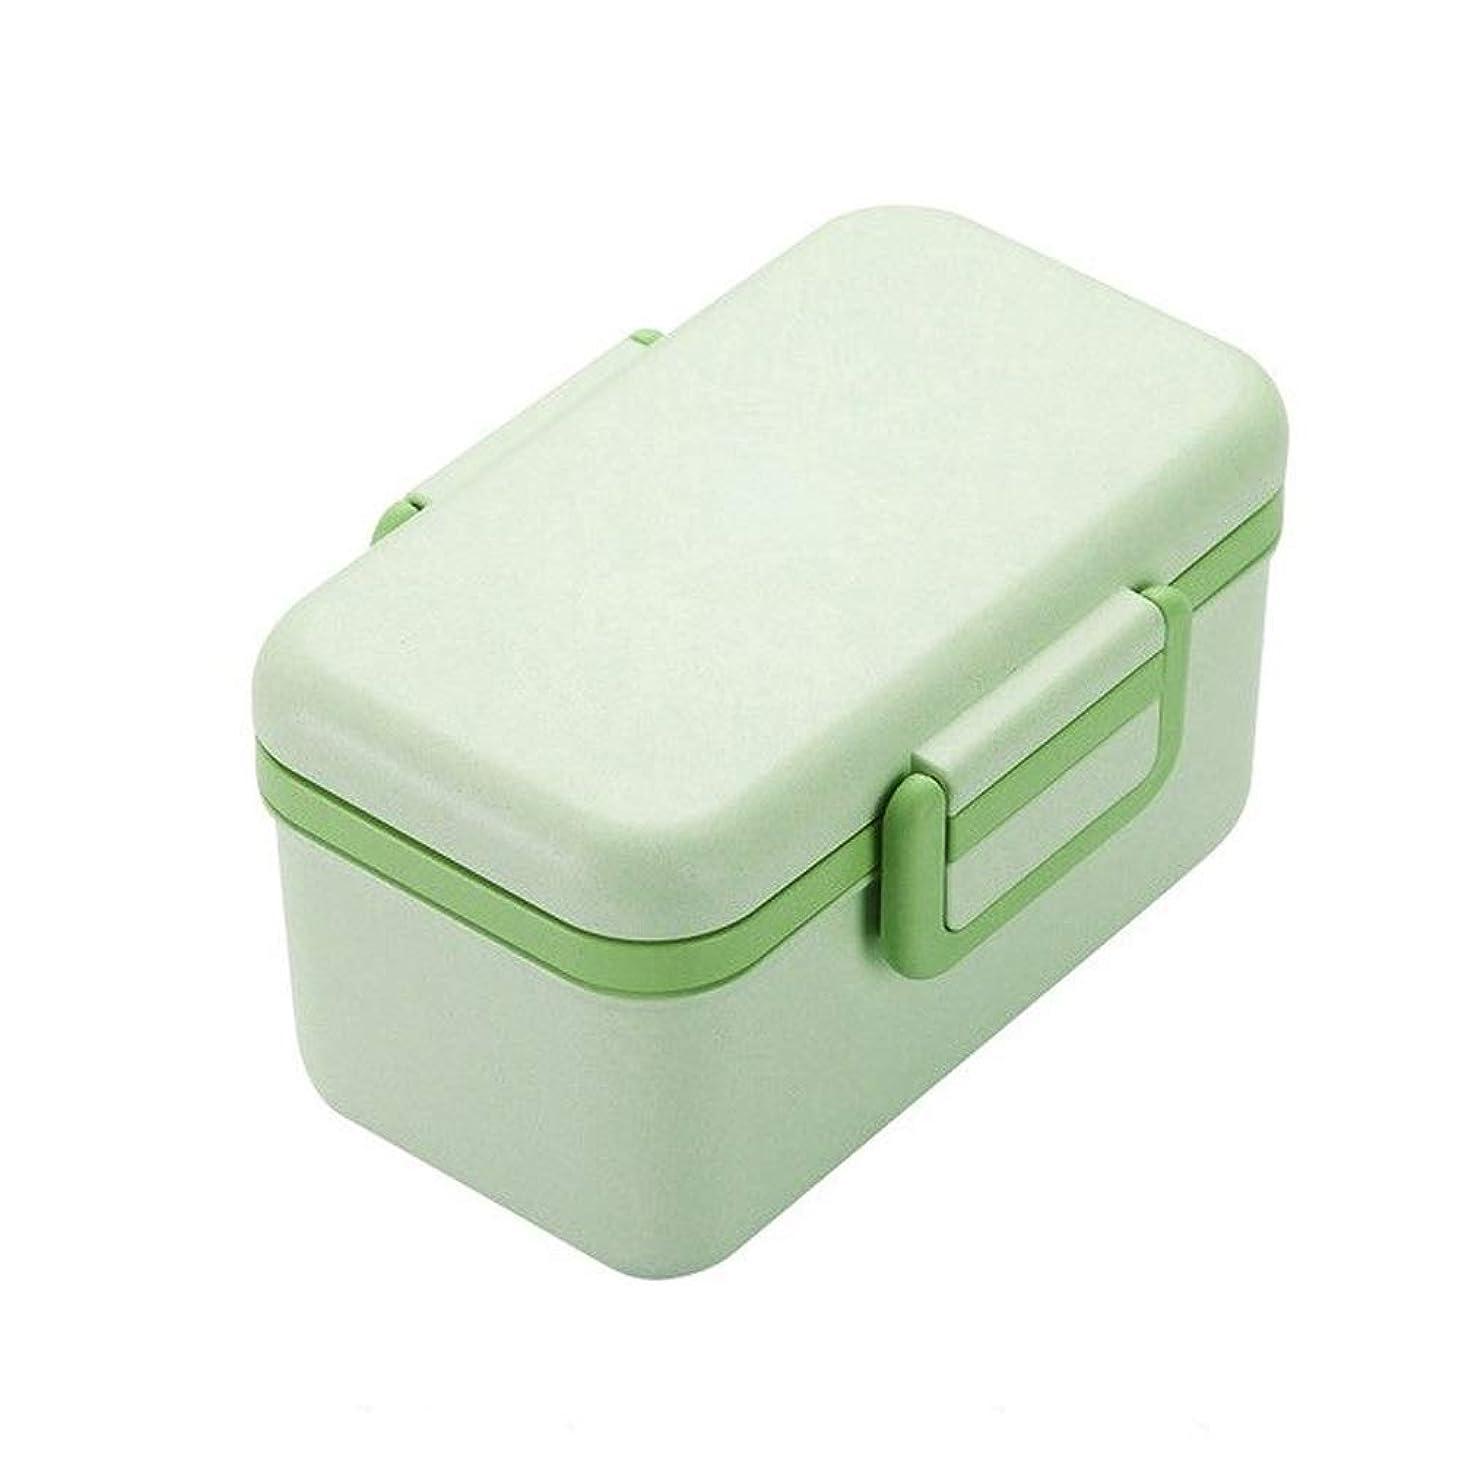 腹痛整理するキャプテンJPYLY BPAフリーランチボックス環境に優しい素材竹繊維のピクニックのためのポータブル弁当箱食品保存容器Microwaveble (Color : 緑)